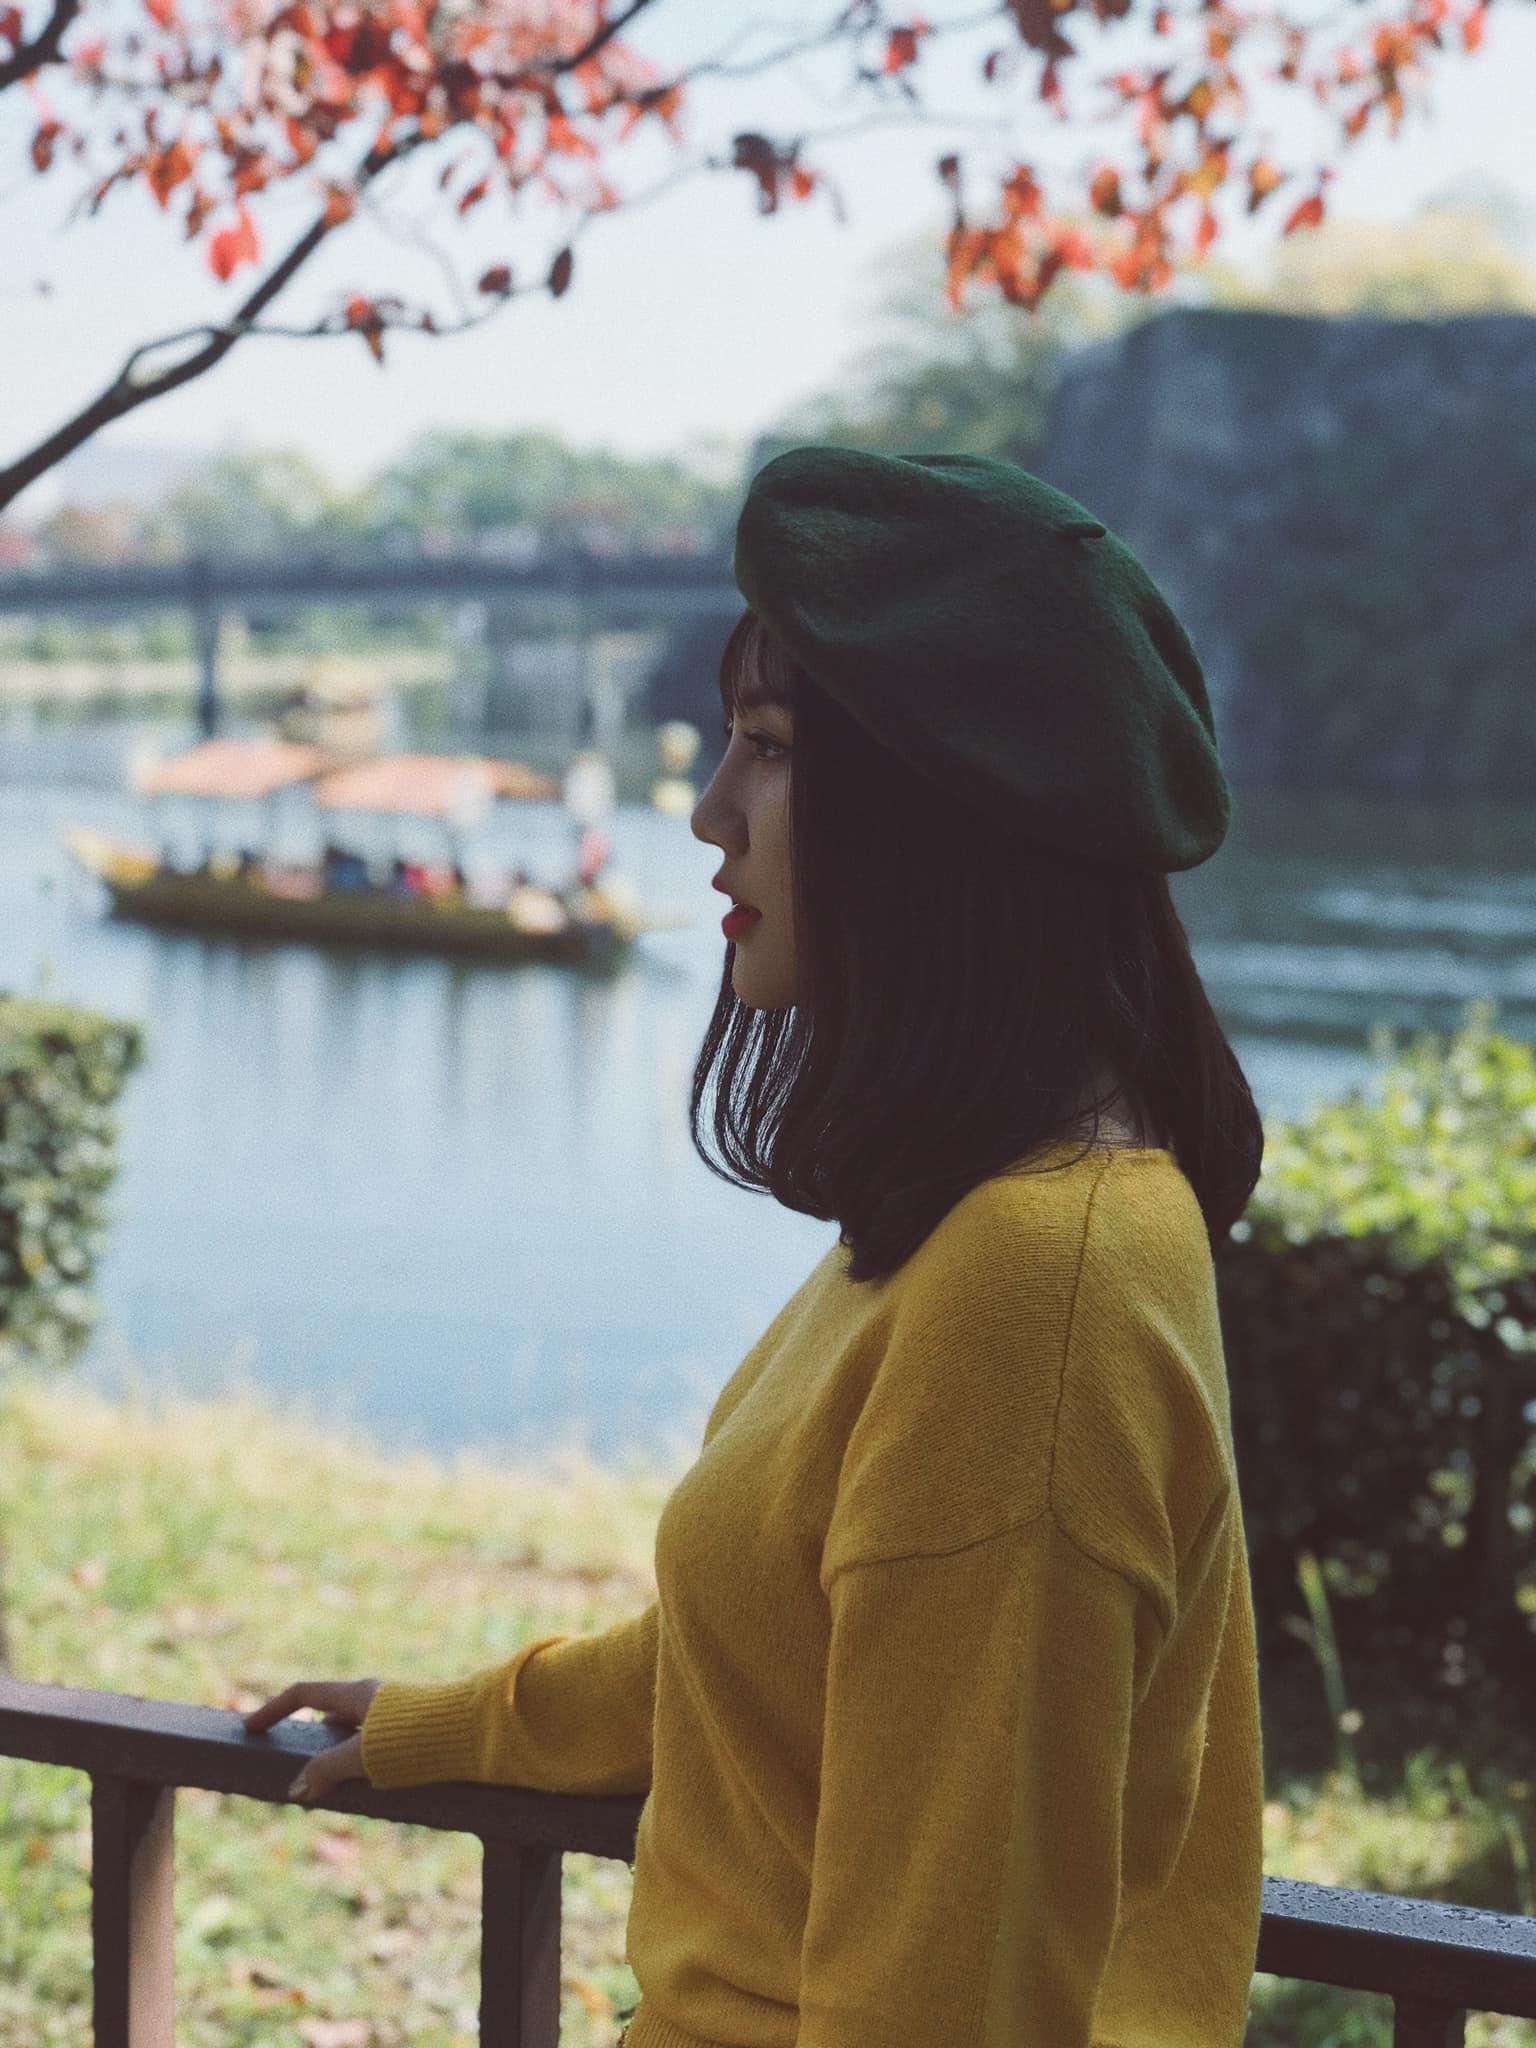 NSƯT Chí Trung lại mượn thơ tỏ tình bạn gái kém 17 tuổi